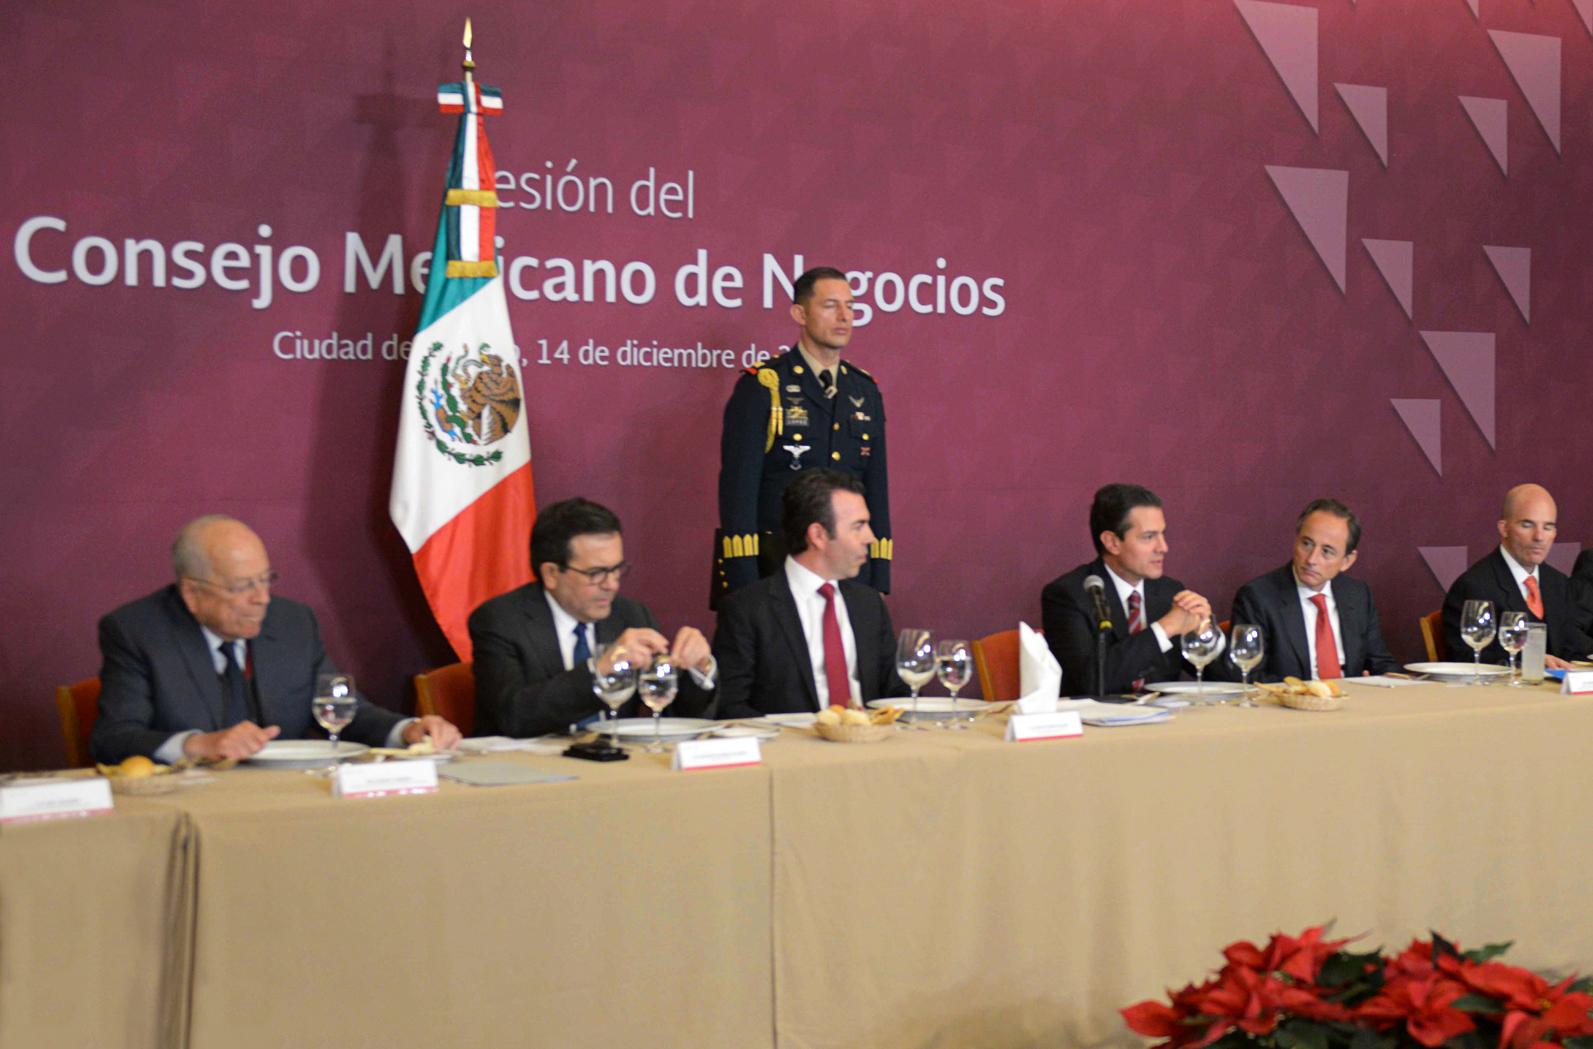 El secretario de Hacienda y Crédito Público, José Antonio González Anaya, acompañó al presidente Enrique Peña Nieto, a la sesión de trabajo con integrantes del Consejo Mexicano de Negocios (CMN).